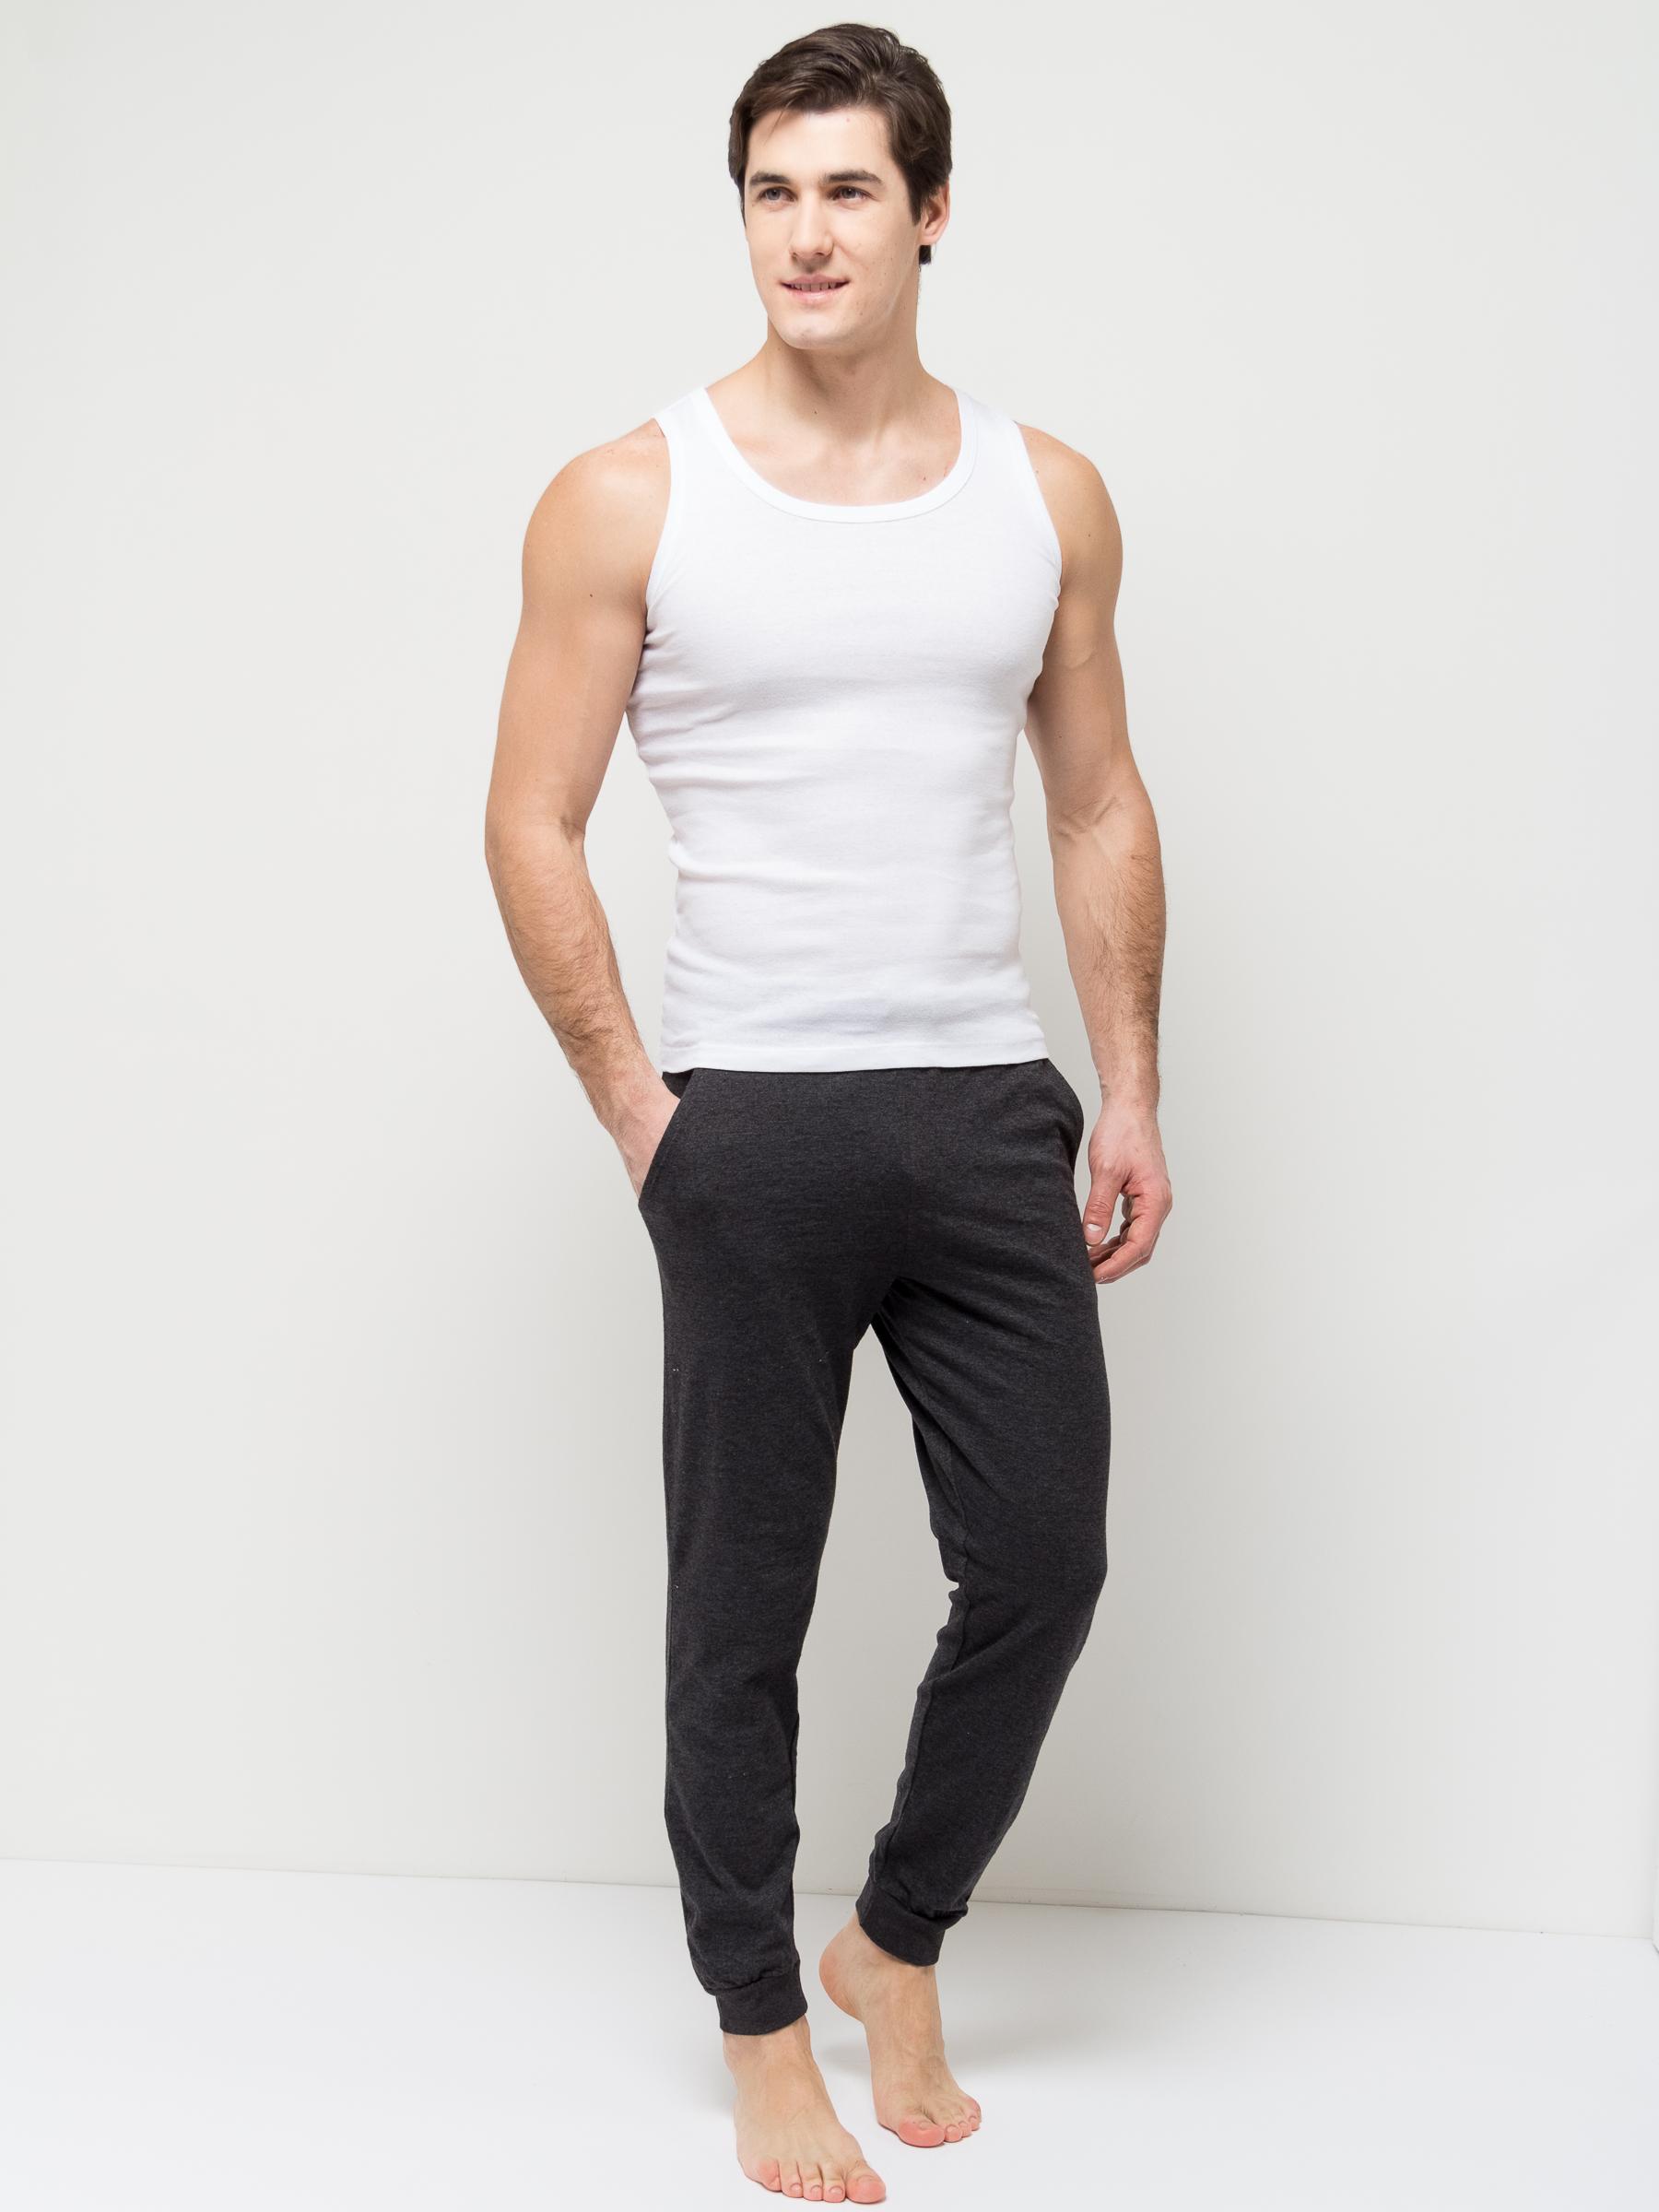 Брюки домашние мужские Sela, цвет: черный меланж. PH-265/008-7101. Размер S (46)PH-265/008-7101Удобные домашние брюки для мужчин Sela выполнены из качественного хлопкового материала. Брюки полуприлегающего кроя и стандартной посадки на талии имеют широкий пояс на мягкой резинке, дополнительно регулируемый шнурком. Низ брючин дополнен мягкими трикотажными манжетами. Модель дополнена двумя втачными карманами спереди и накладным карманом сзади.